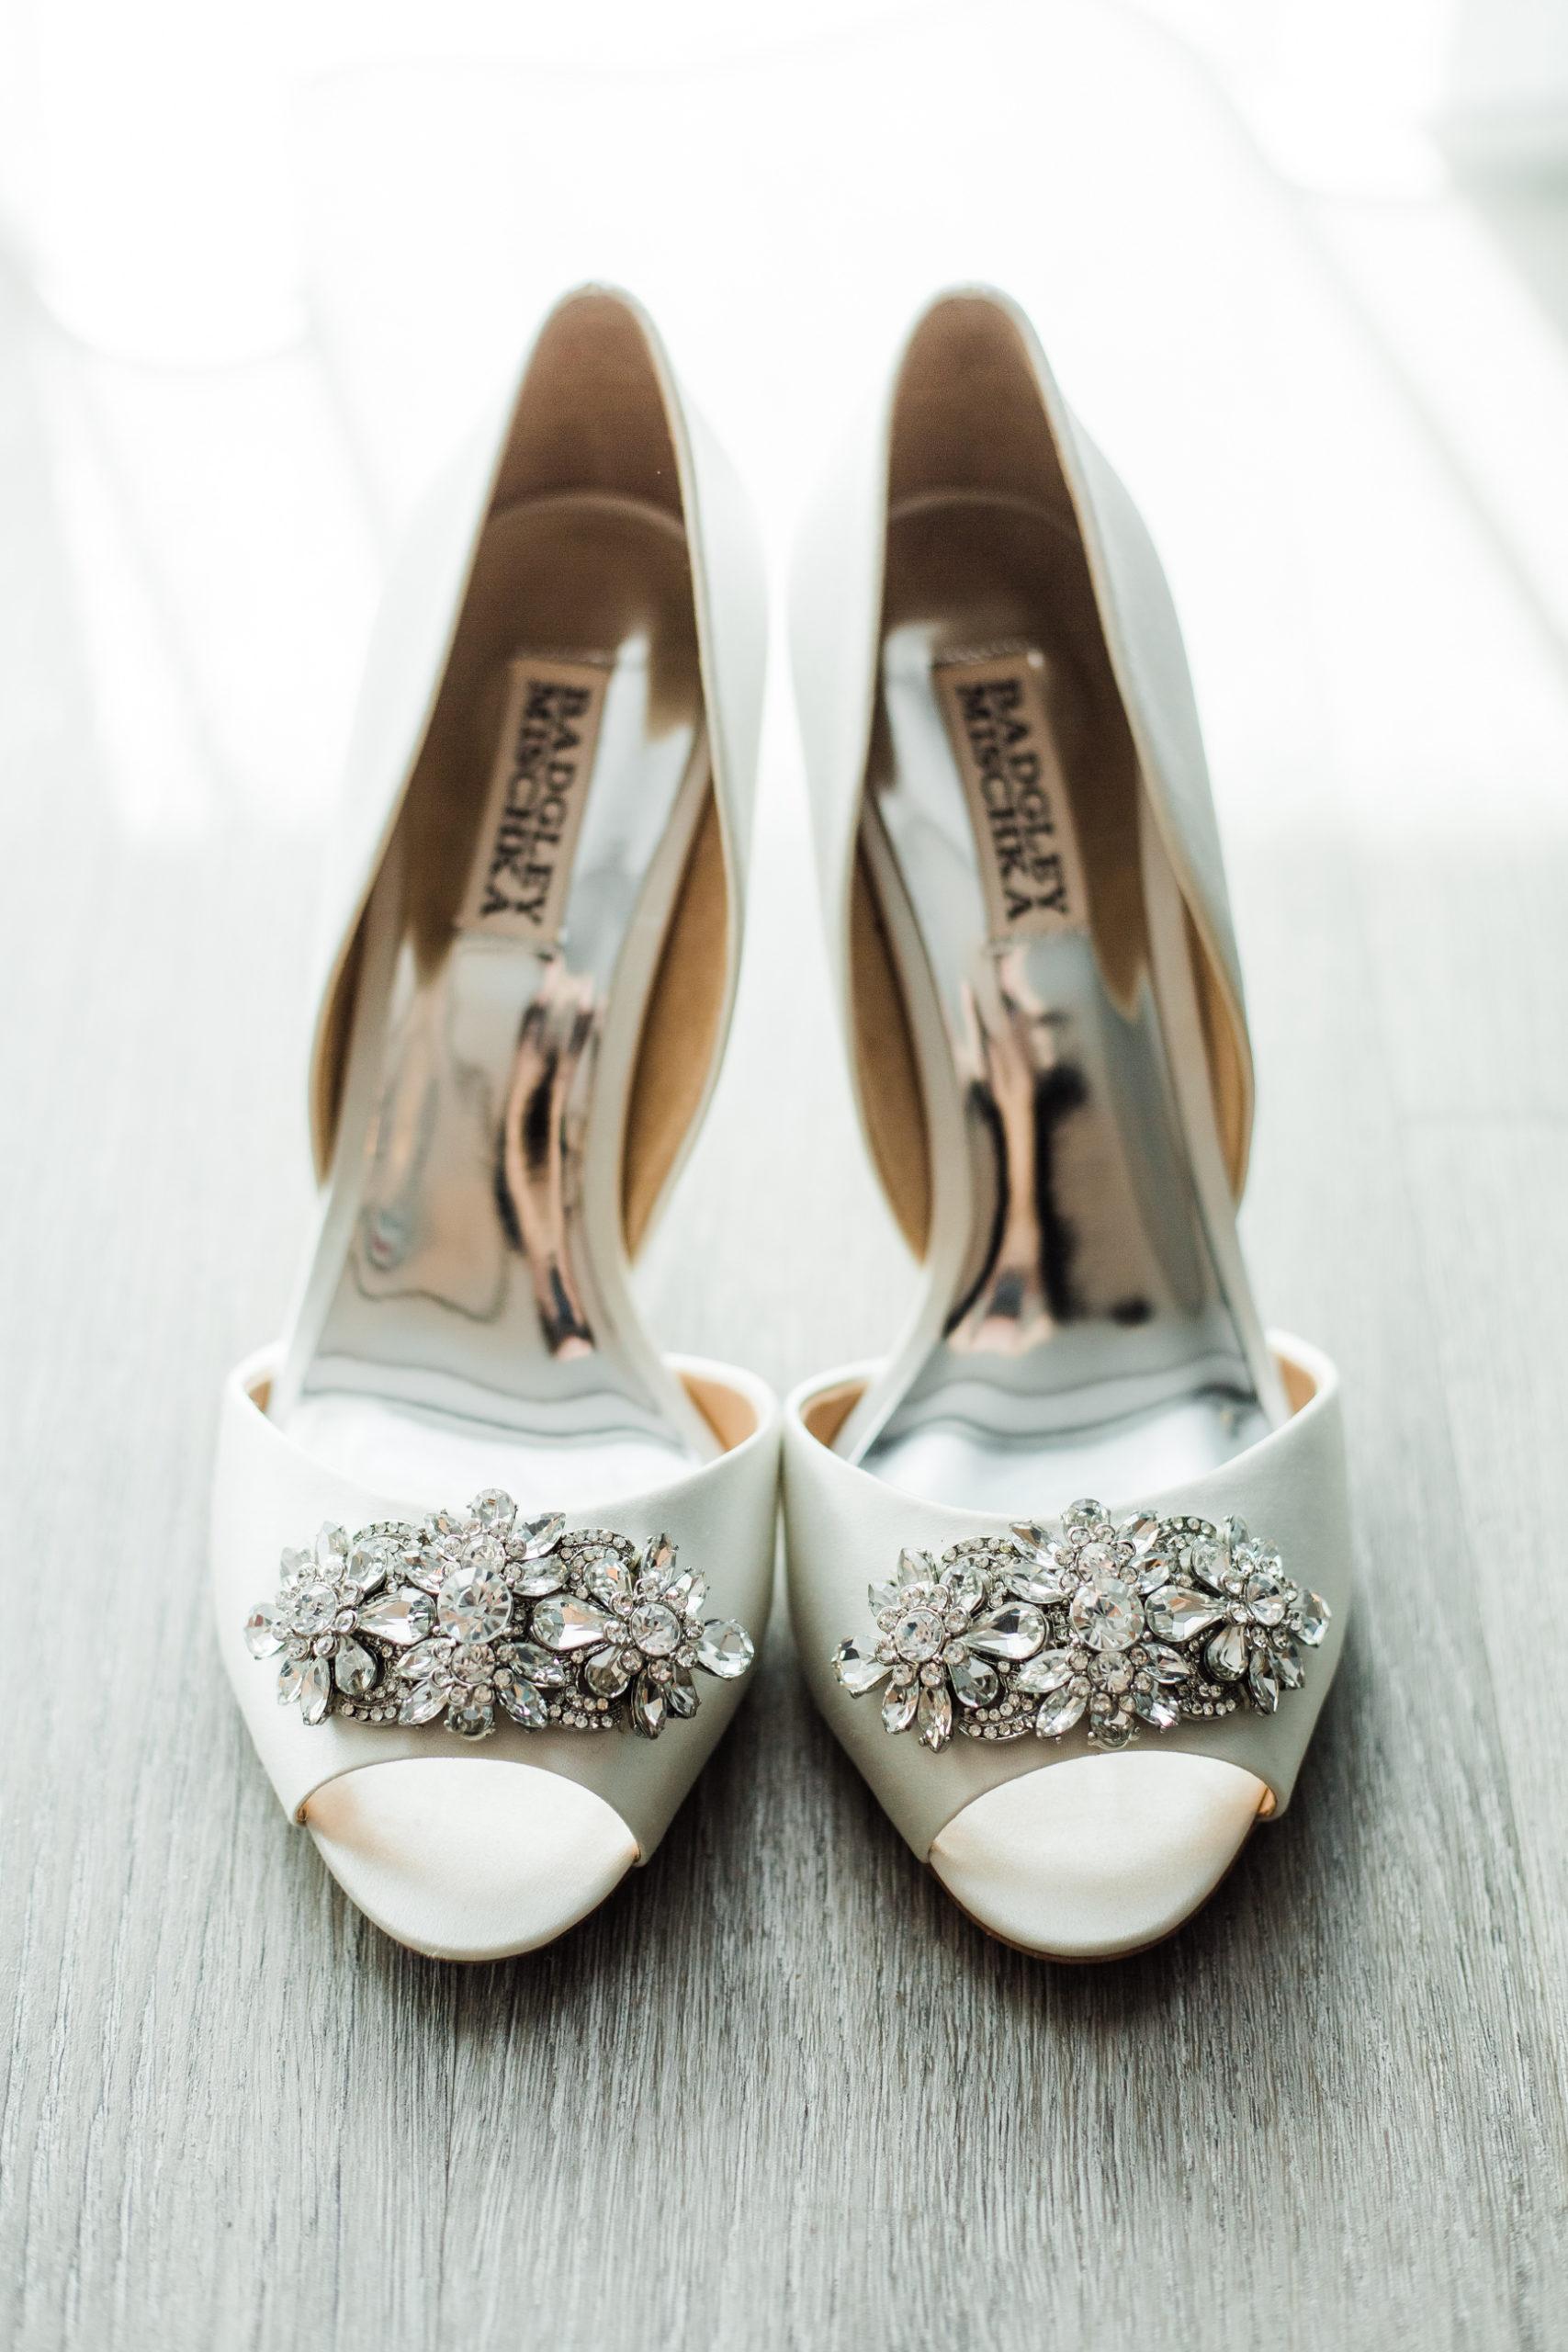 Badgley Mischka Ivory Peep Toe Heels with Rhinestone Brooch Wedding Shoes